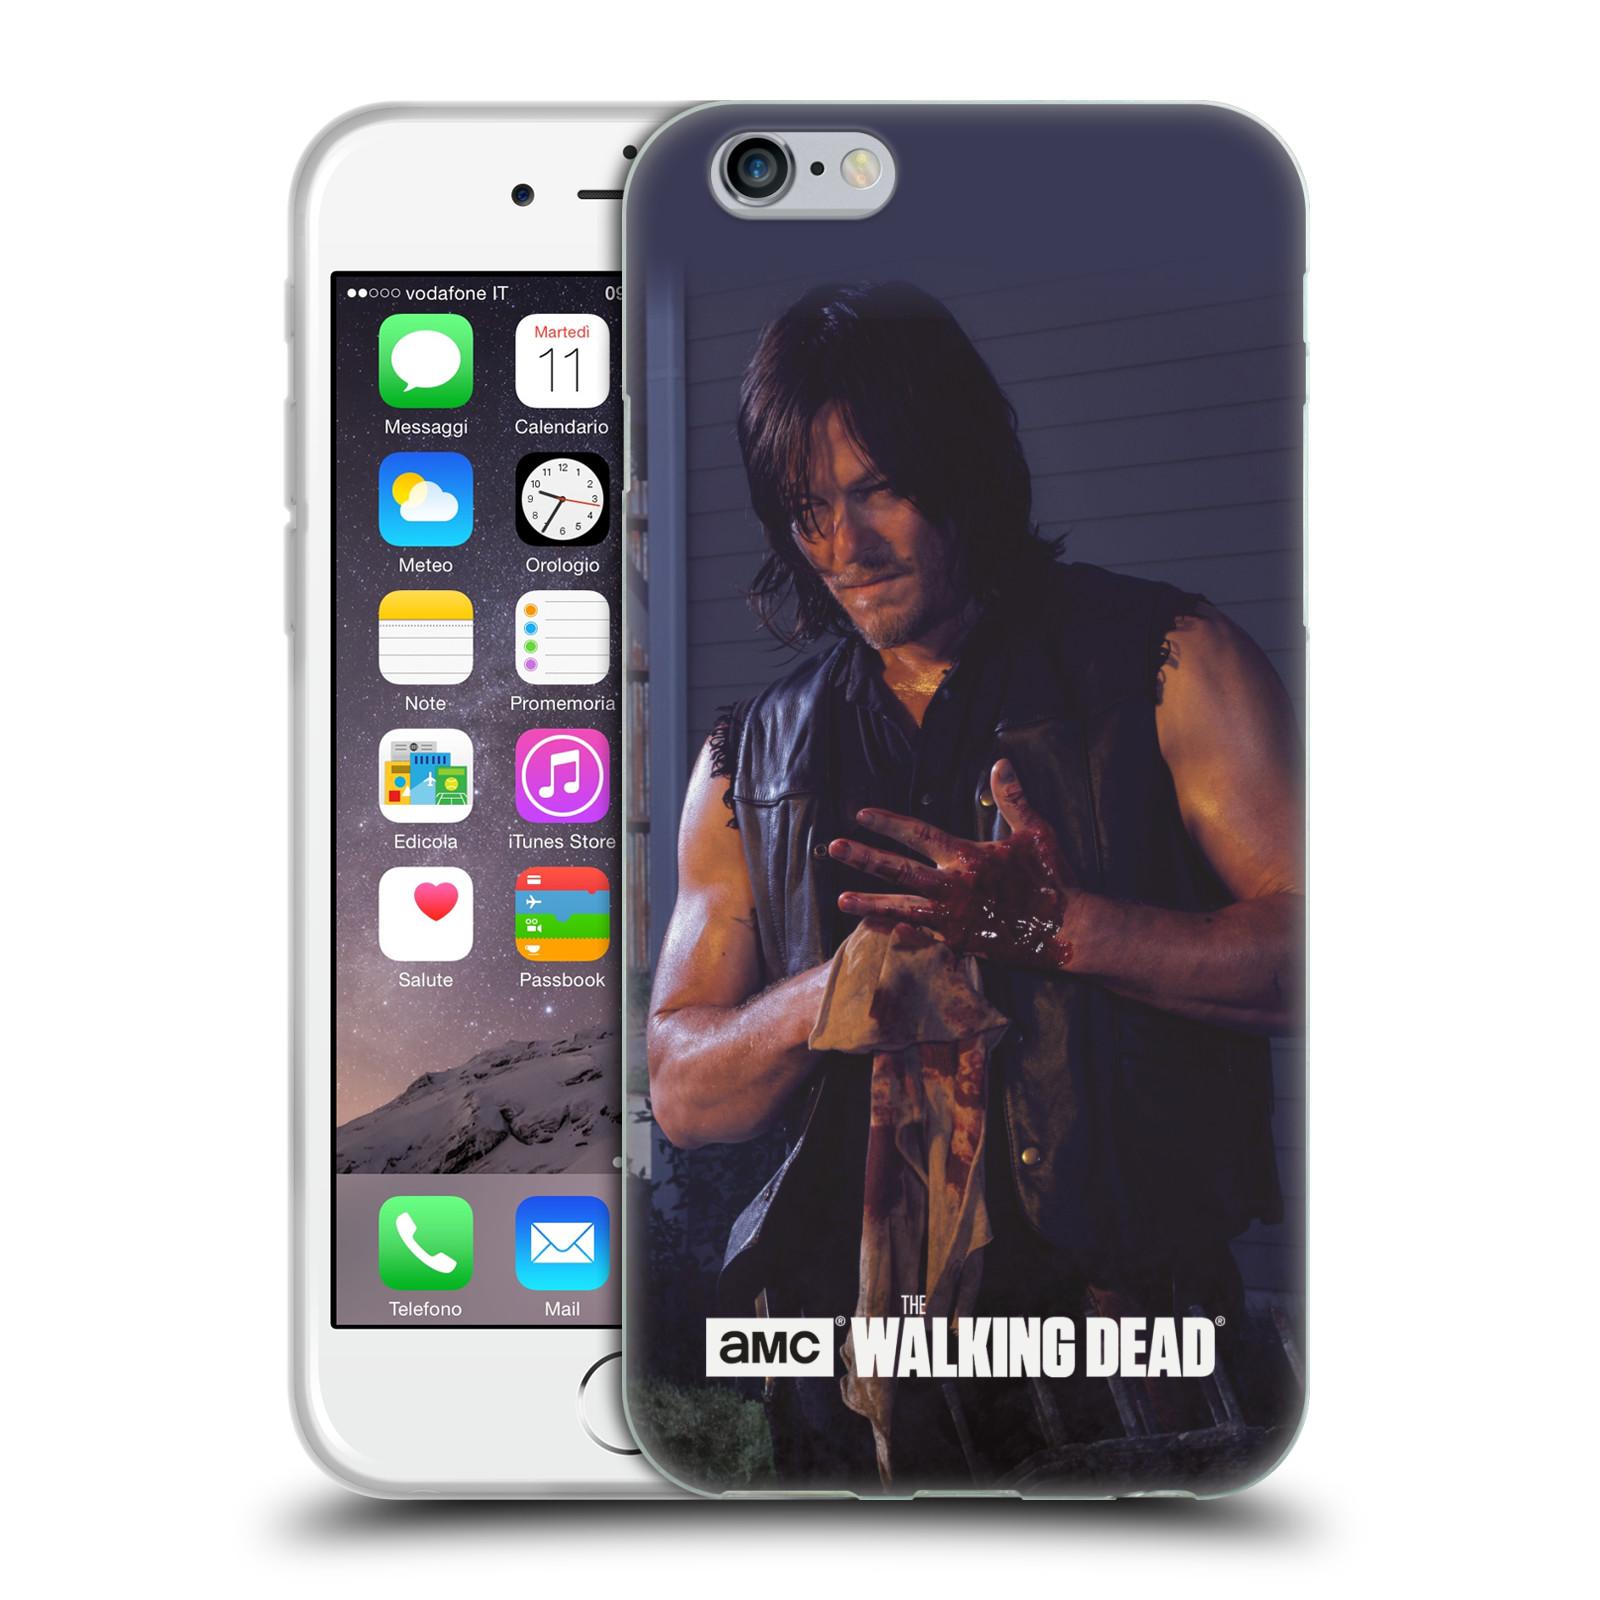 HEAD CASE silikonový obal na mobil Apple Iphone 6 / 6S originální potisk Walking Dead postavy v akci Daryl a zranění